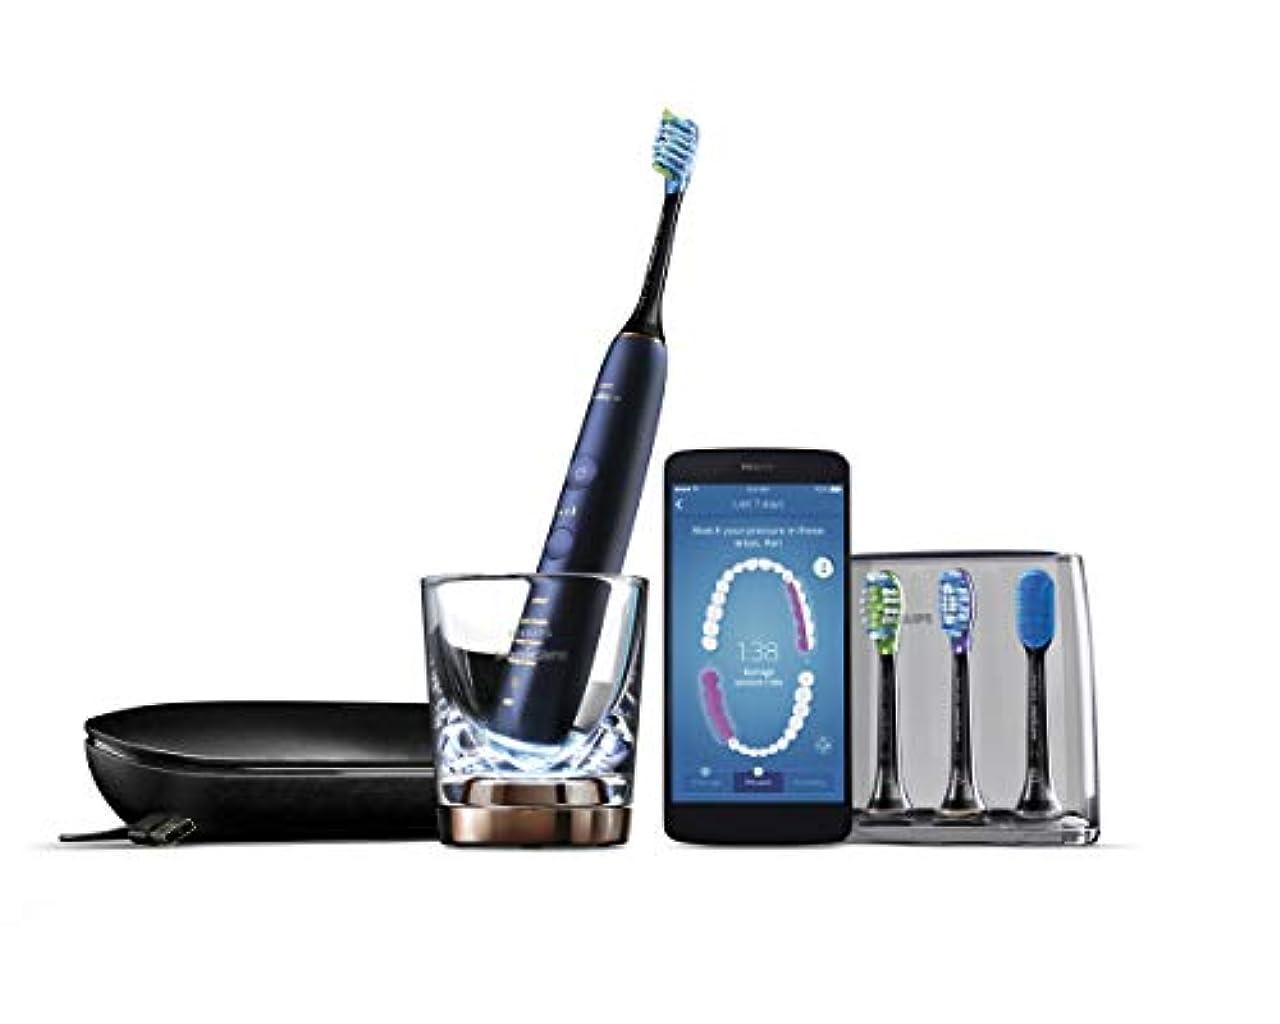 防止才能のあるしっとりフィリップス ソニッケアー ダイヤモンドクリーン スマート 電動歯ブラシ ルナーブルー HX9964/55